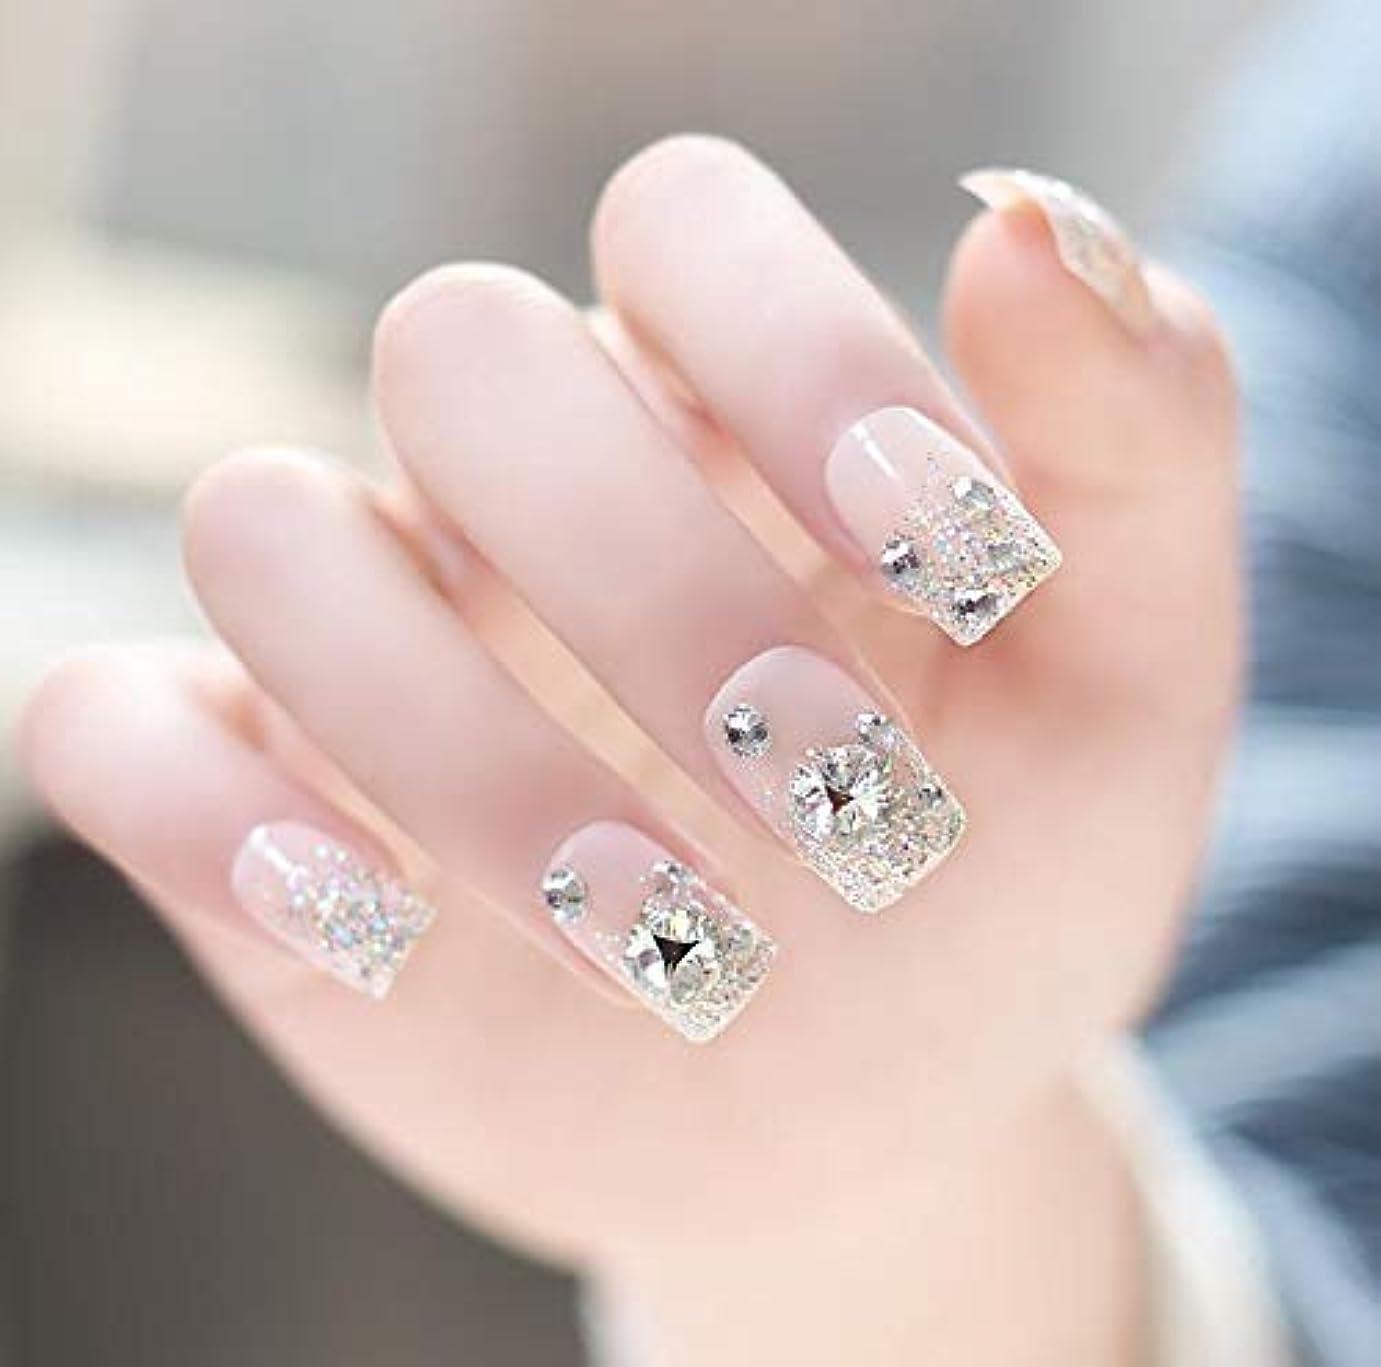 男やもめ懸念疑わしいYUJIA ネイルチップ つけ爪 付け爪 つけ方簡単 ネイル デコネイルコレクション シール ハロウィン 母の日 パーティ 人気 毎日変身 24枚セット (E)